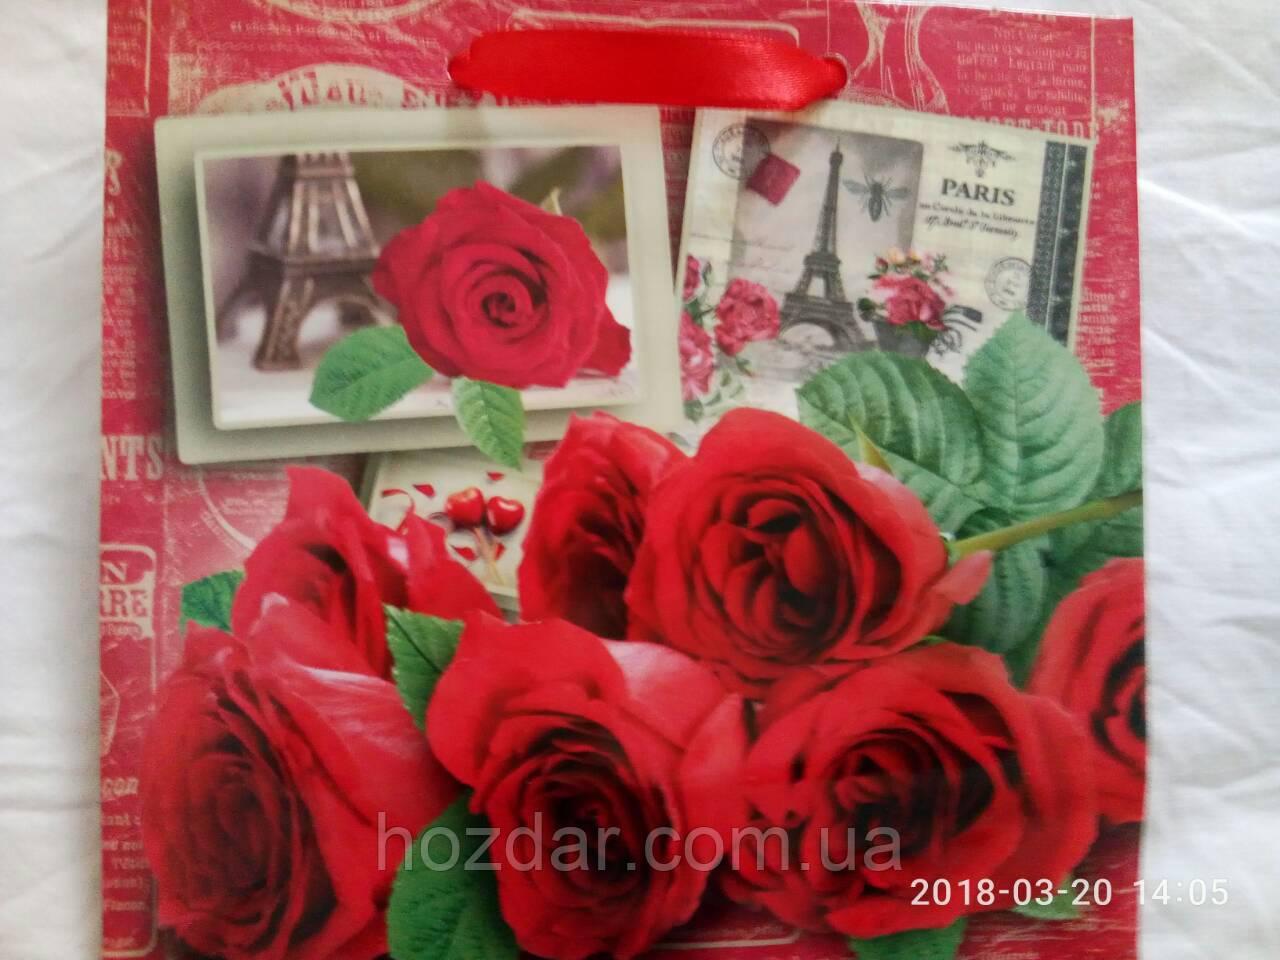 Пакет подарочный бумажный чашка 16х16х7 (22-085)